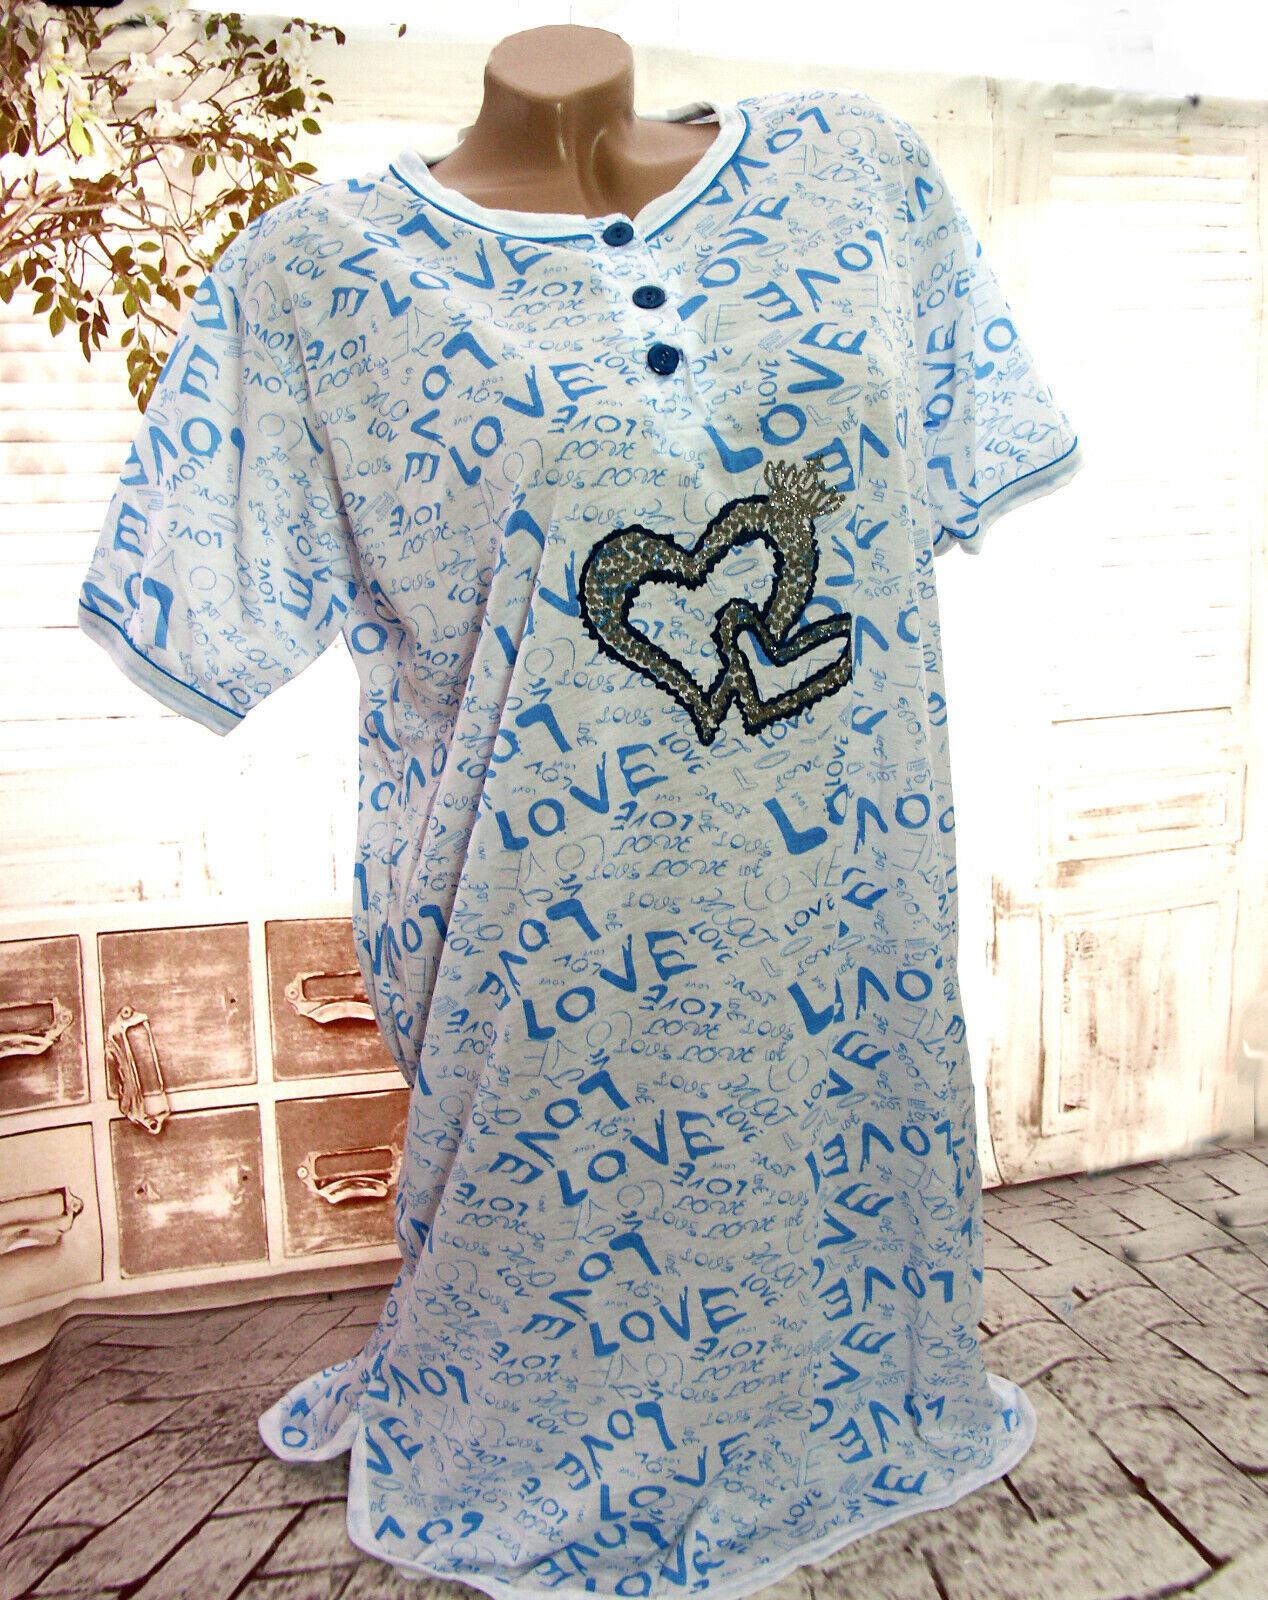 8b28e2d5e46afd Damen Kurzarm NACHTHEMD Nachtwäsche Schlafshirt Pyjama LOVE HERZEN  Weiß/Blau Neu*